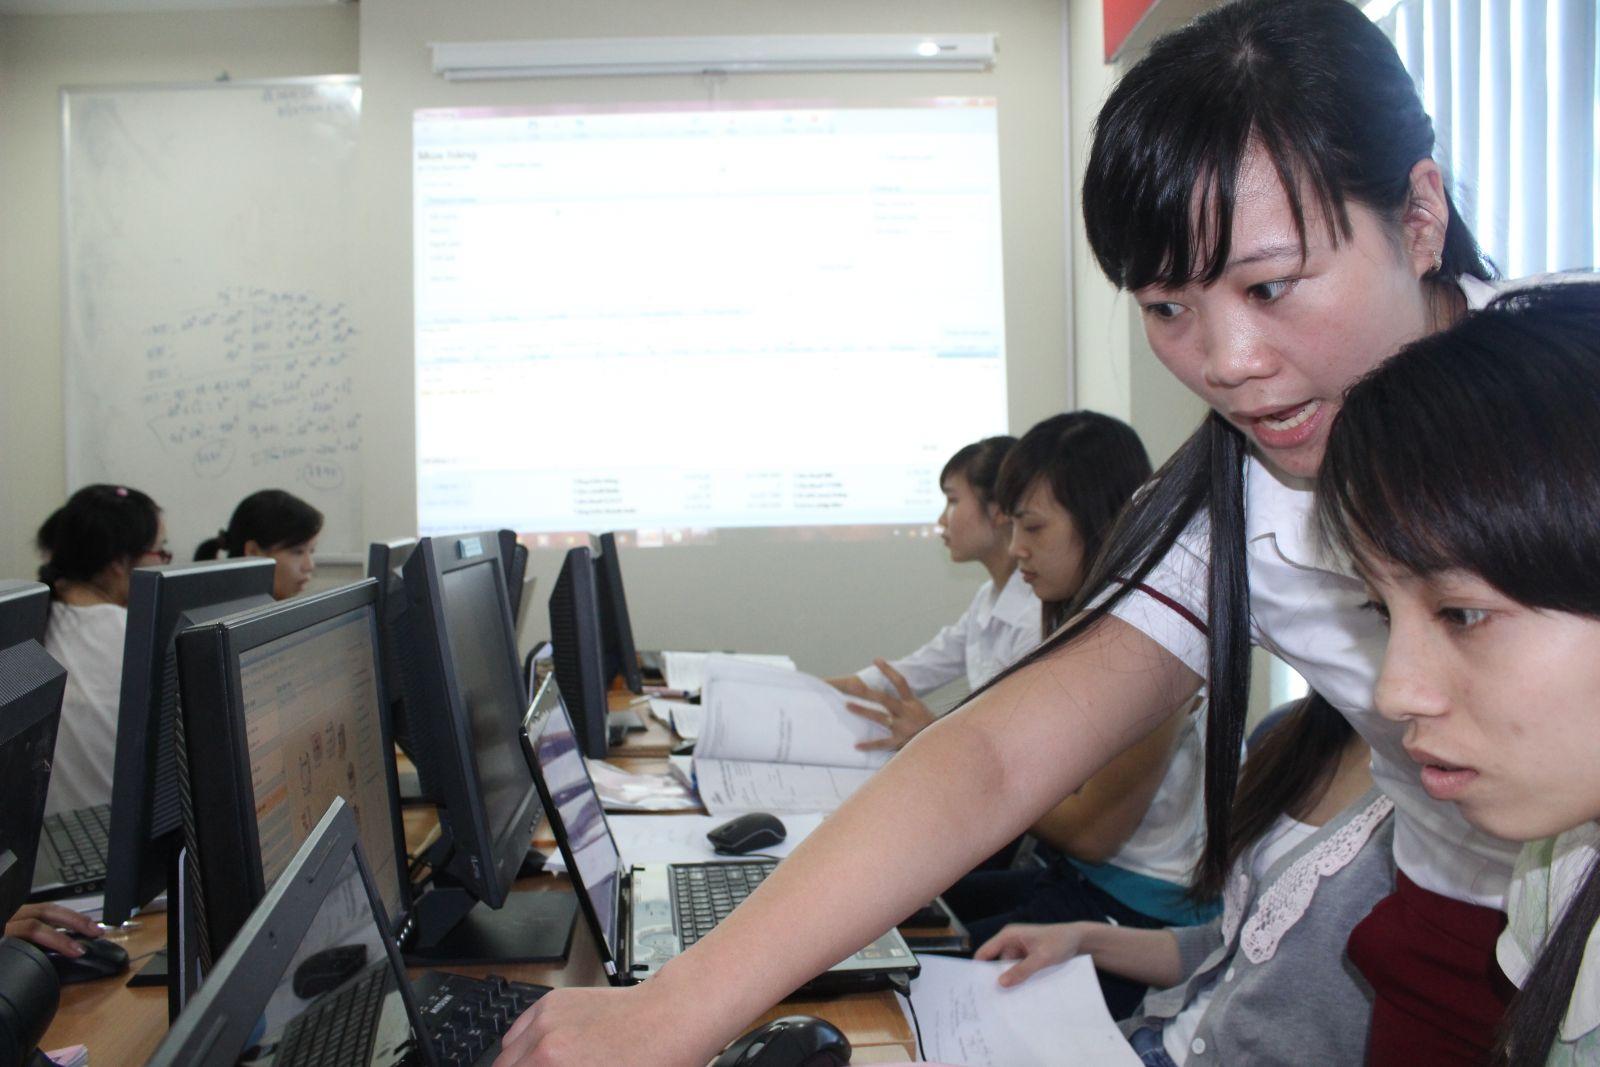 Hướng dẫn kê khai thuế GTGT trong doanh nghiệp